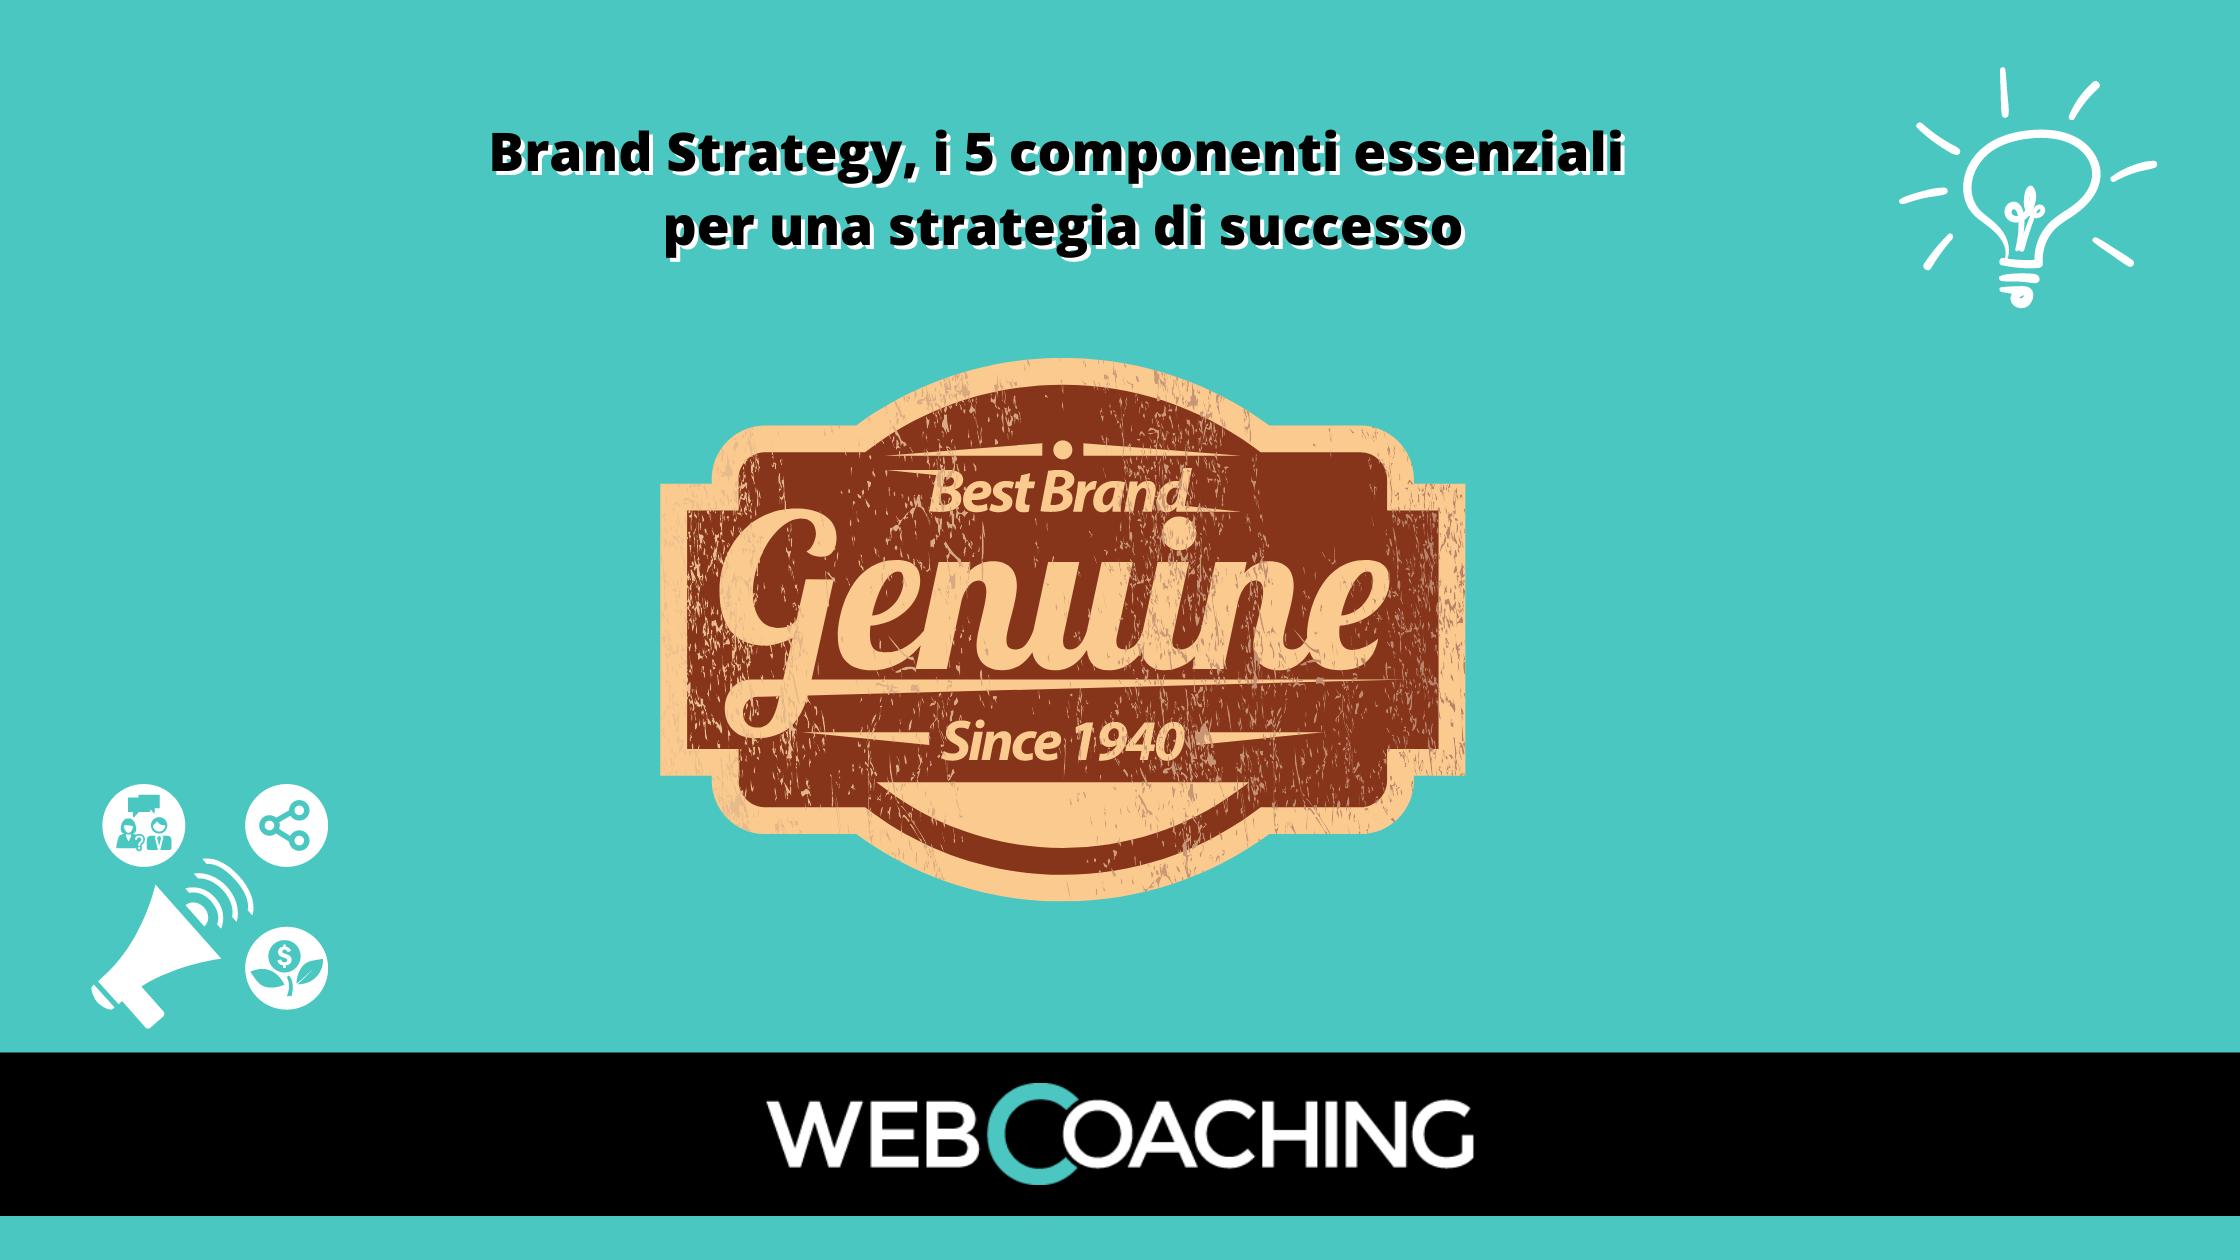 Brand Strategy 5 componenti